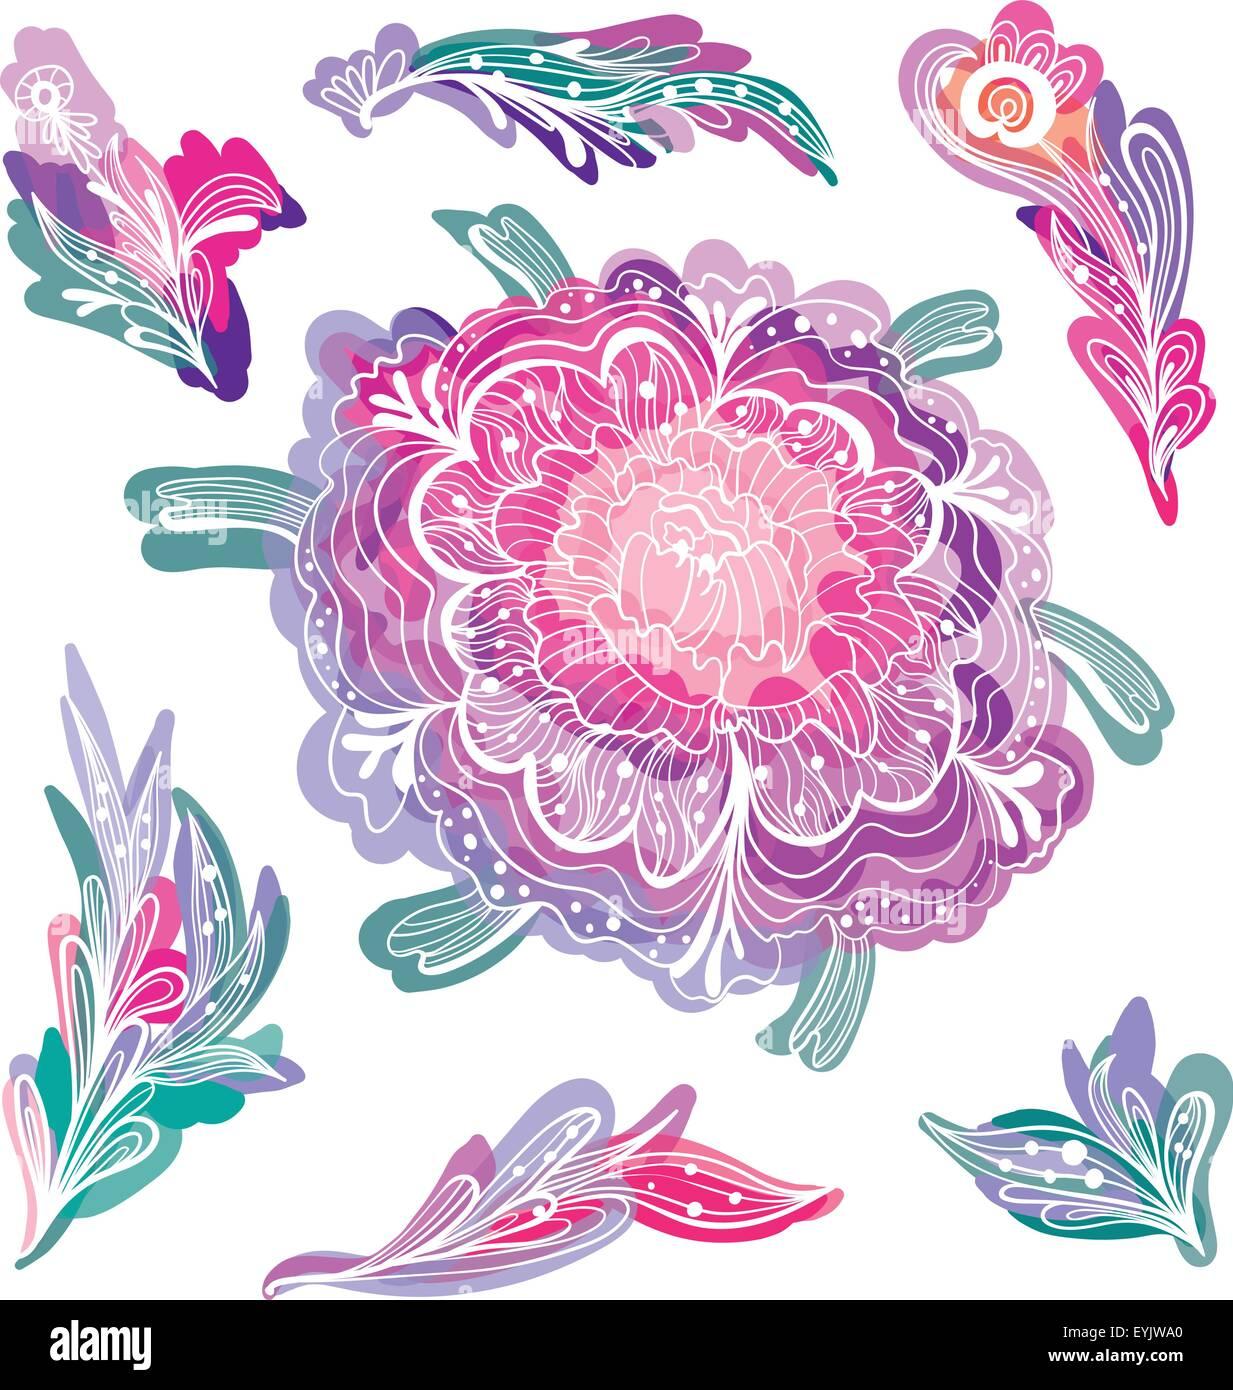 Dibujo Vectorial Doodle Flores Y Follaje Con Efecto Acuarela